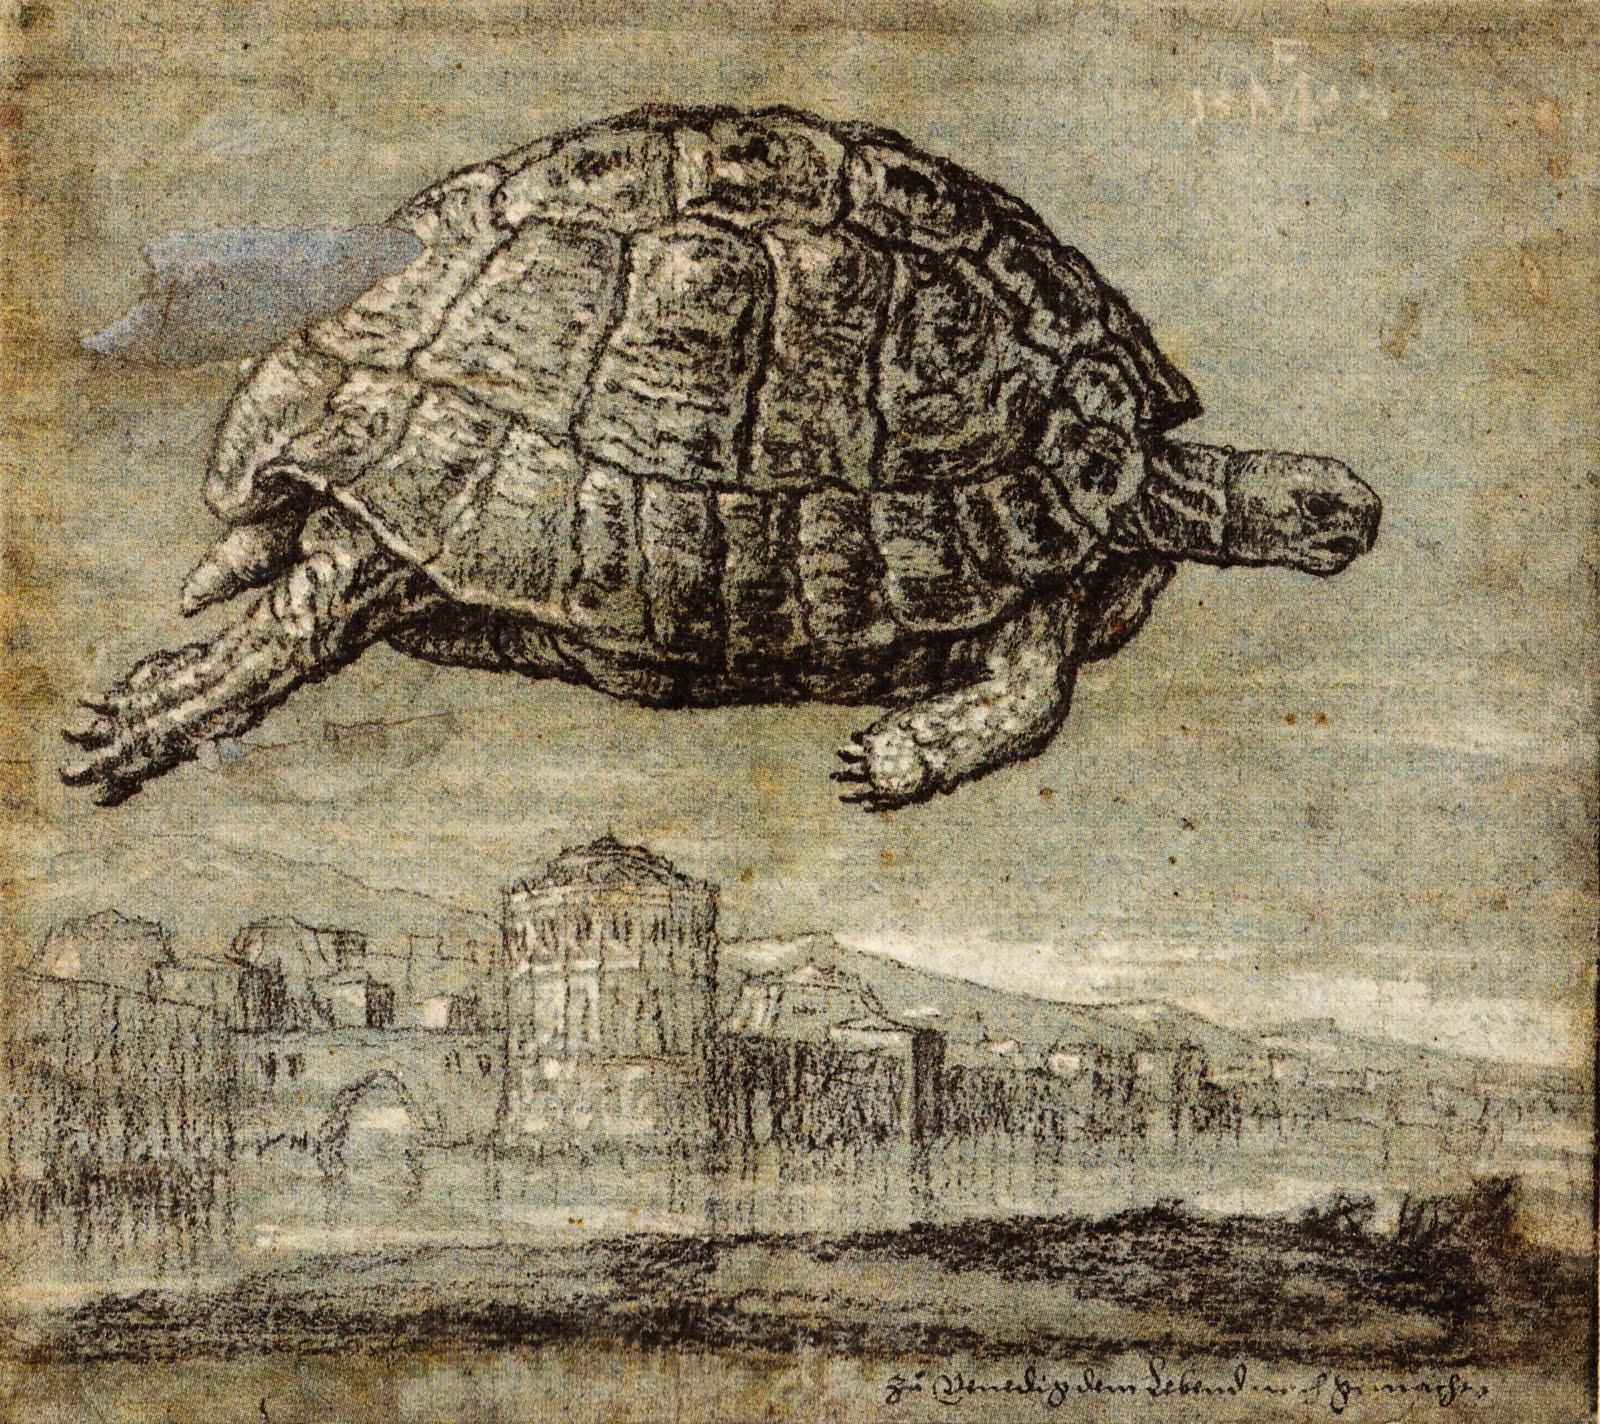 Melchior_Lorck _ Tortue_au_dessus_de_la _lagune _vénitienne-1555